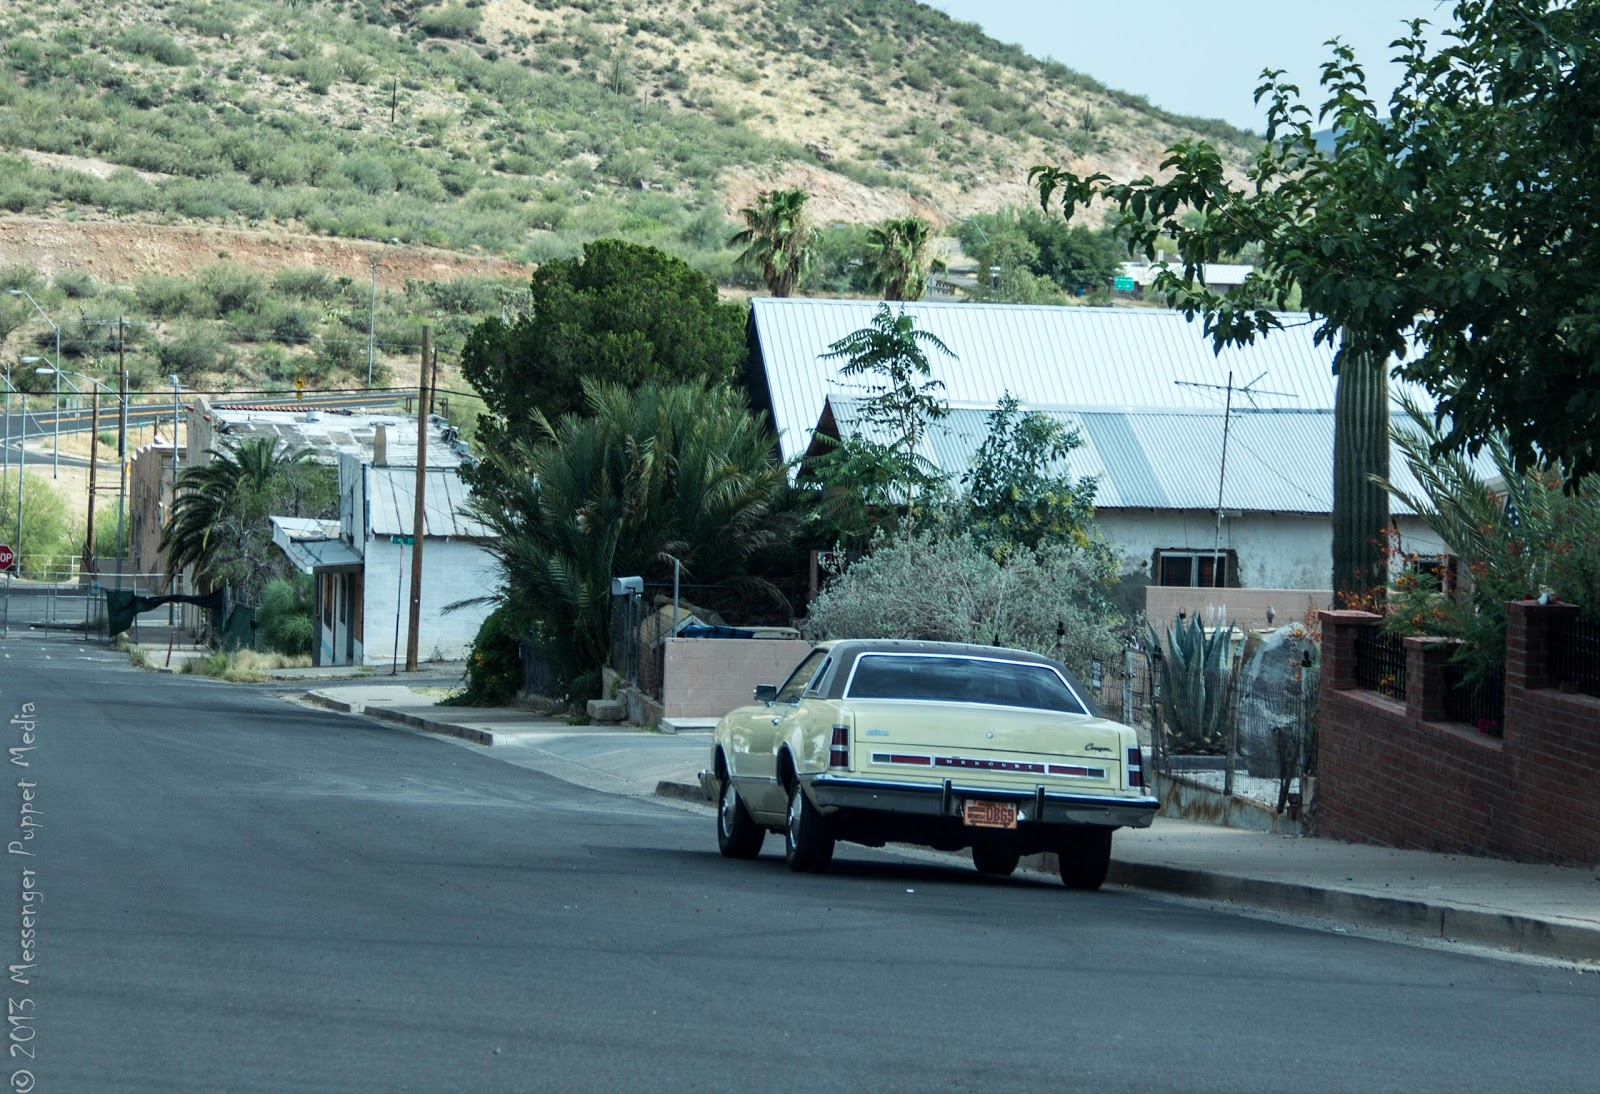 1977 Mercury Cougar